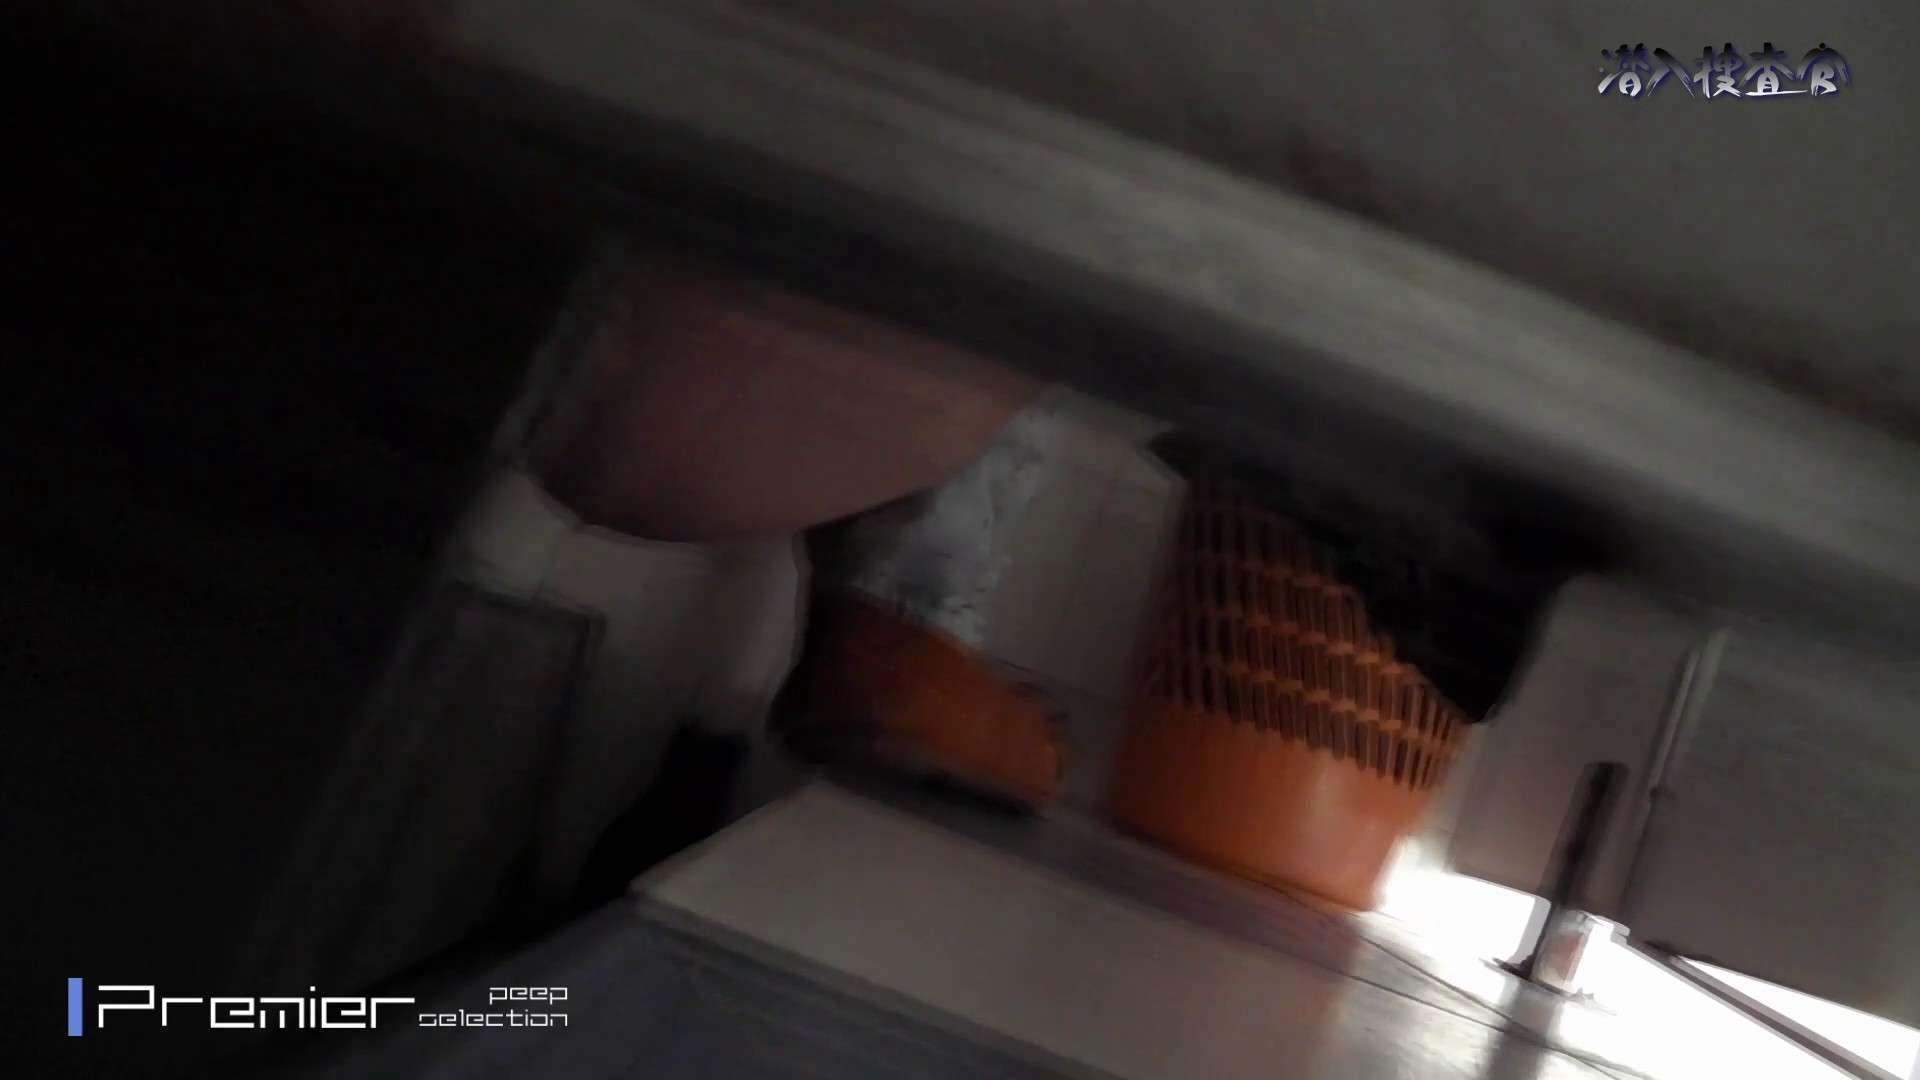 下からノゾム vol.041 携帯に夢中、後ろに居るカメラはやりたい放題! 細身女性 ワレメ無修正動画無料 85画像 23